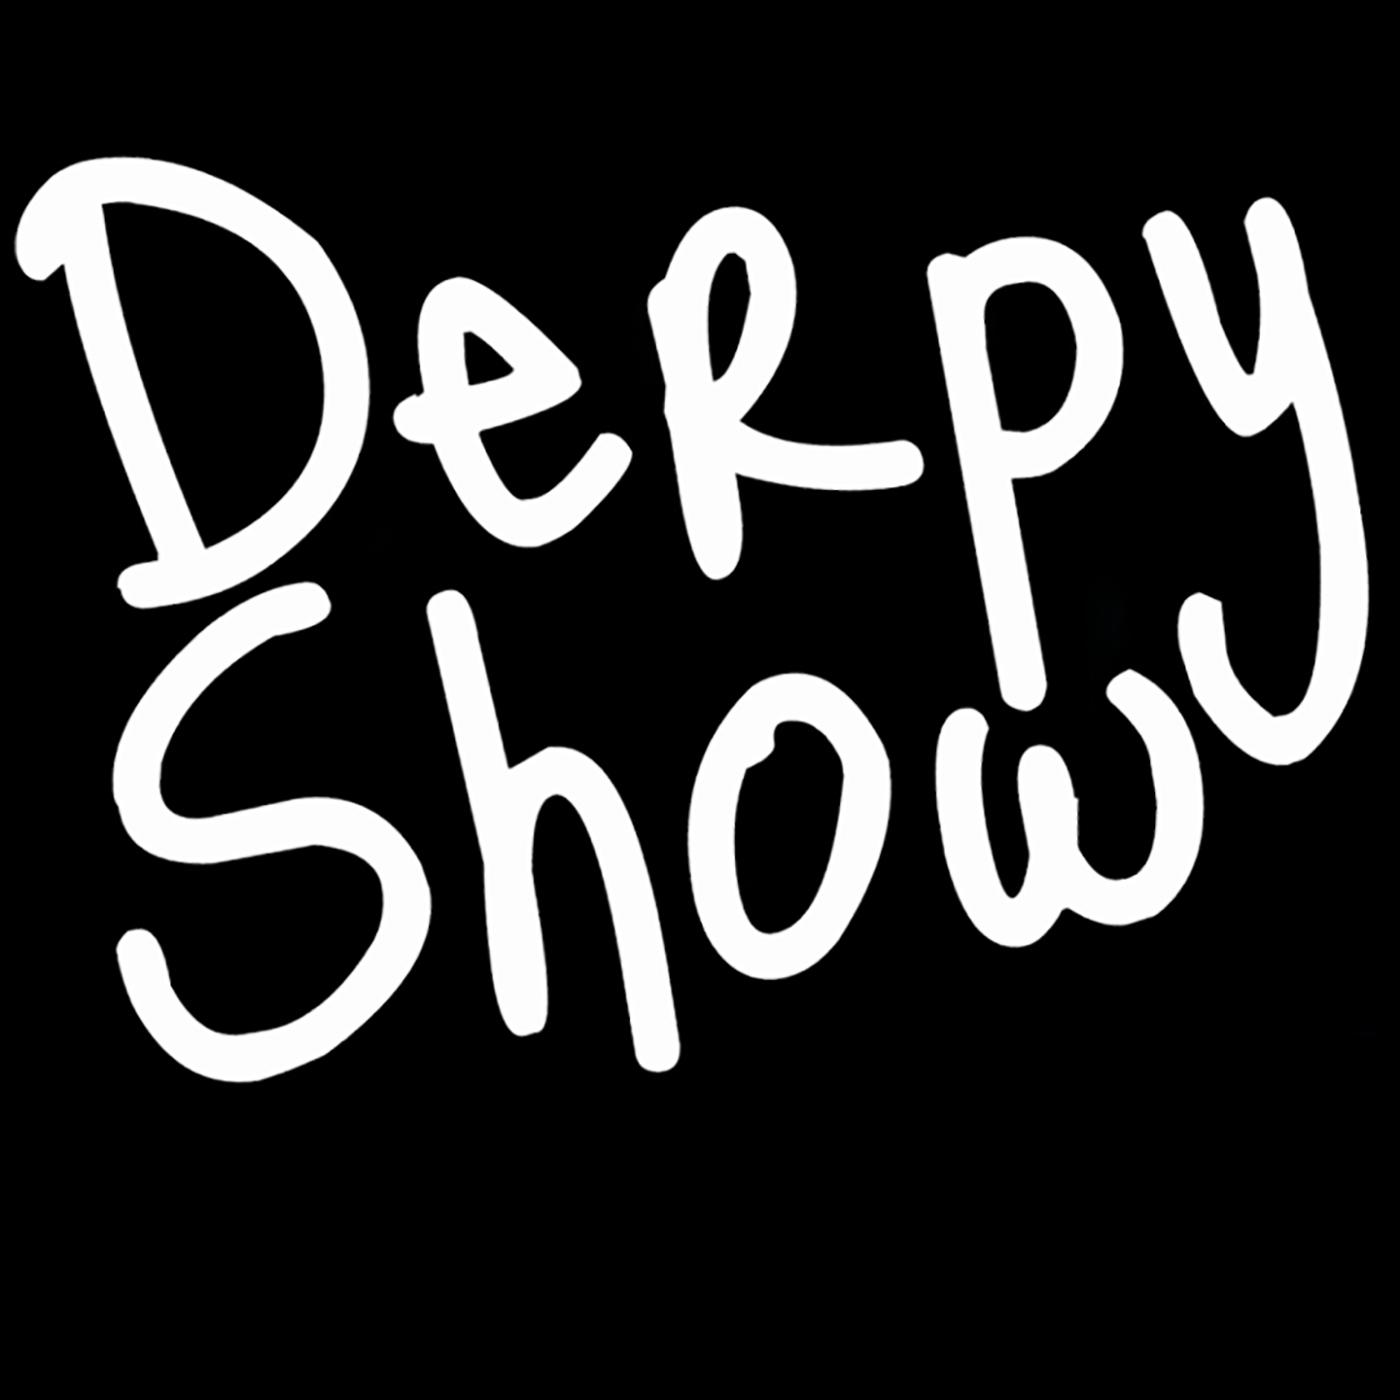 Derpy Show